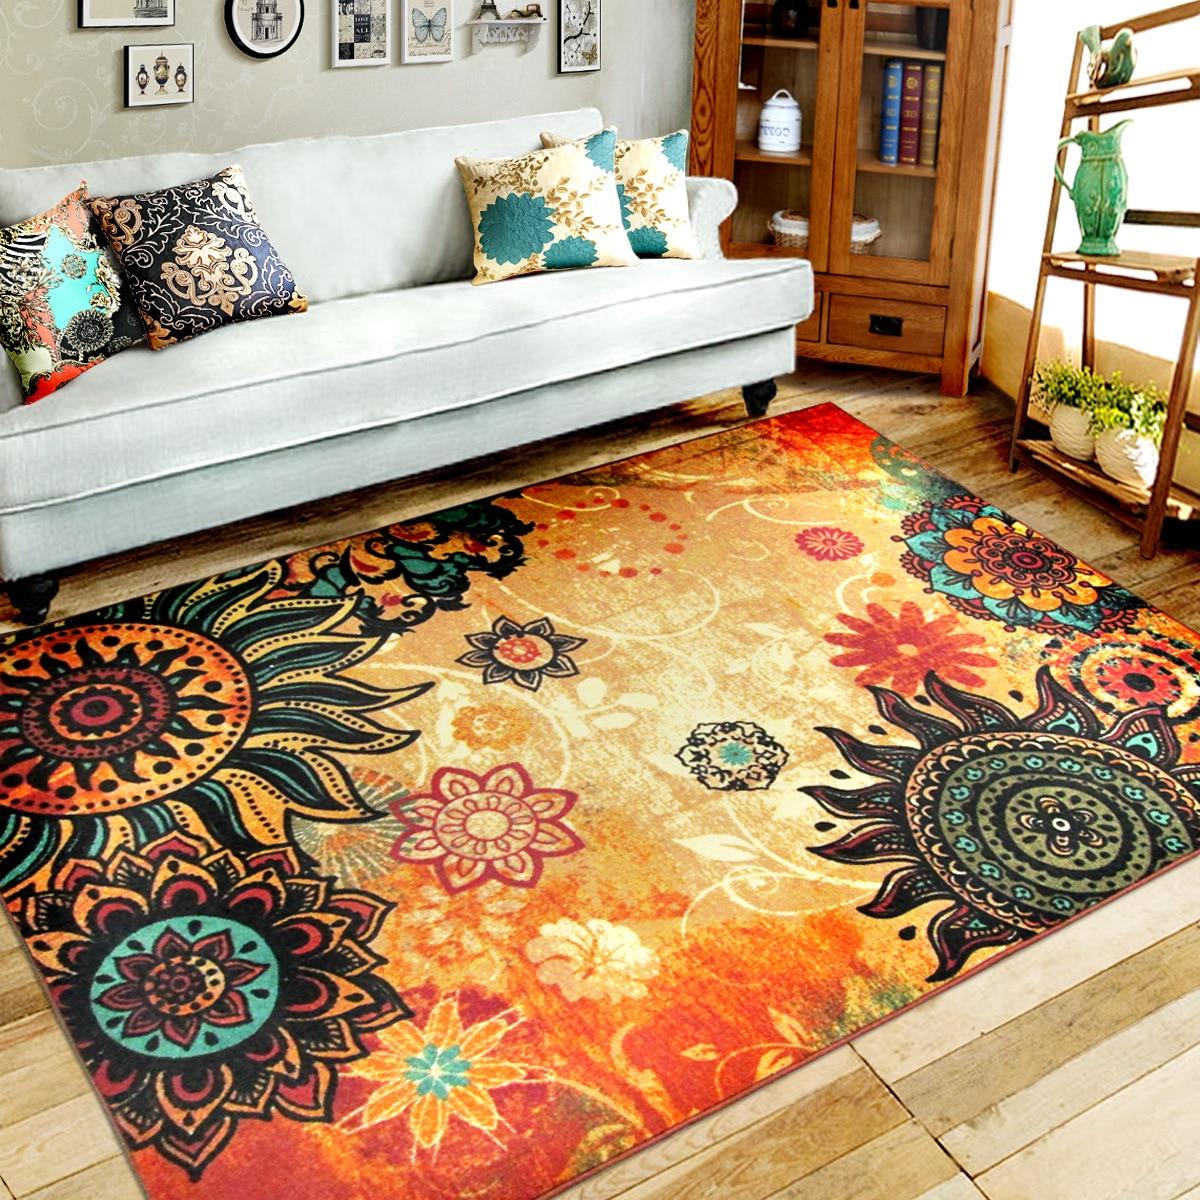 100X150CM Alfombra moderna Para el hogar, Alfombra Para el suelo, Alfombra Para el salón, dormitorio, alfombras tapete Para Sala, Alfombra Tapis salon